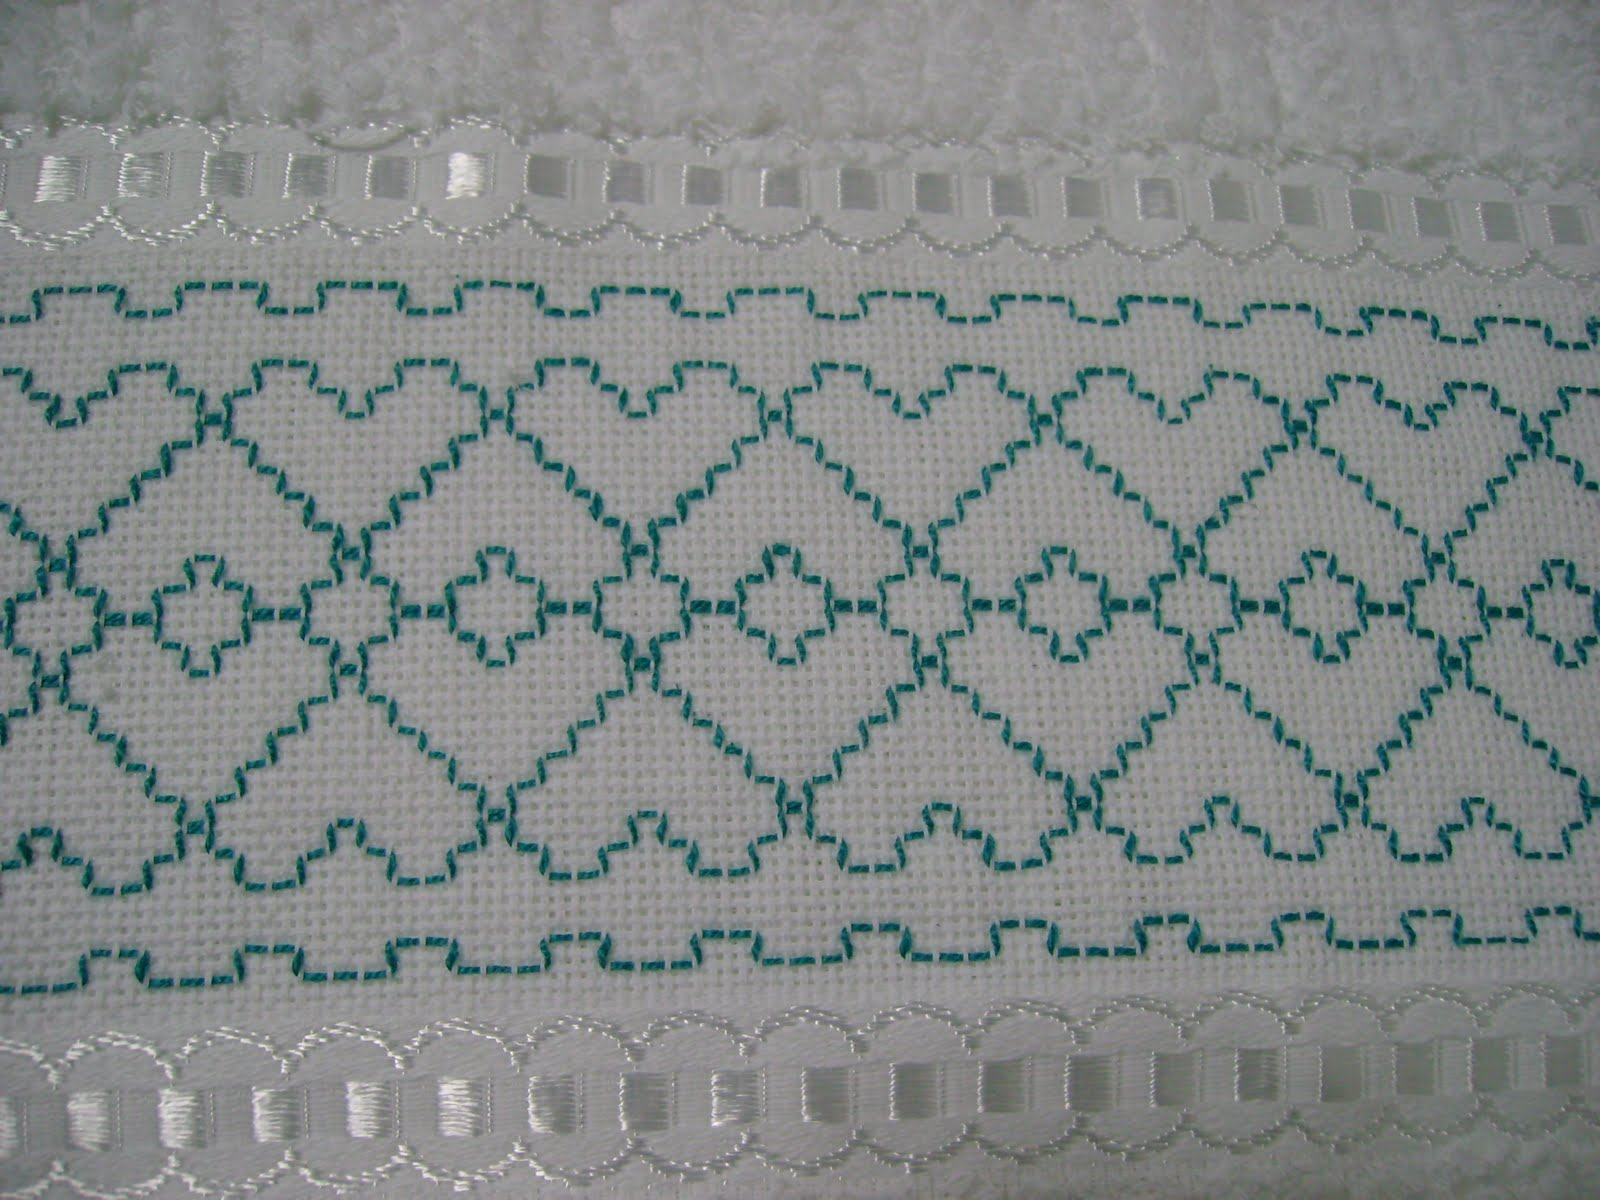 Adma caixinha de surpresa: Toalha de Banho bordadas em ponto vagonite